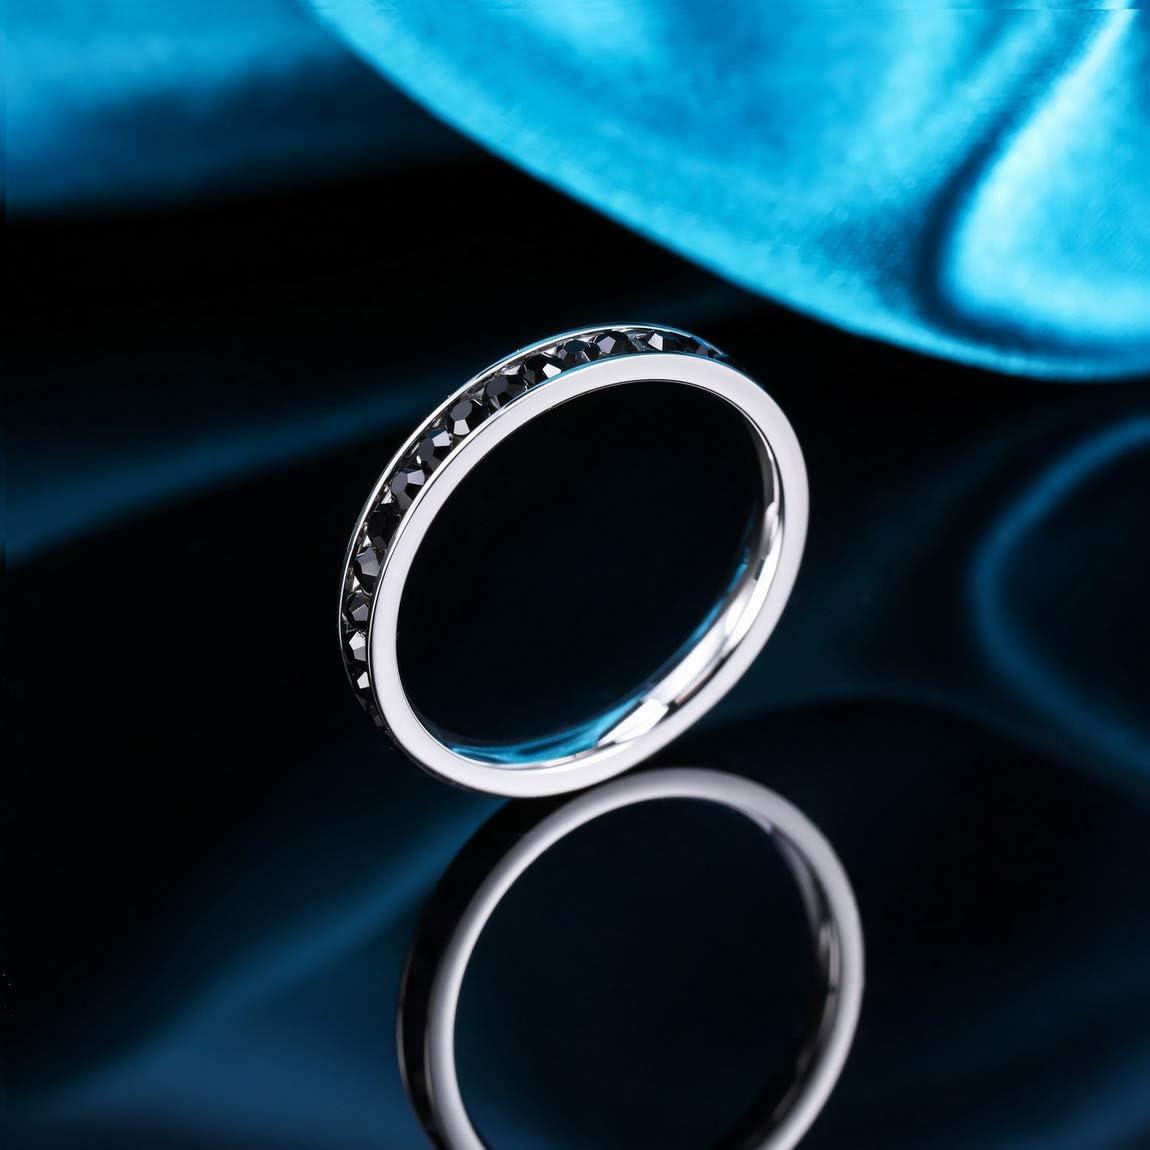 INBLUE Personalisierte Versprechen Ringe Gravur Name Datum Benutzerdefinierte Ringe f/ür Frauen M/ädchen Beste Freundin Muttertag Edelstahl Ewigkeit Ehering Ring Schmuck